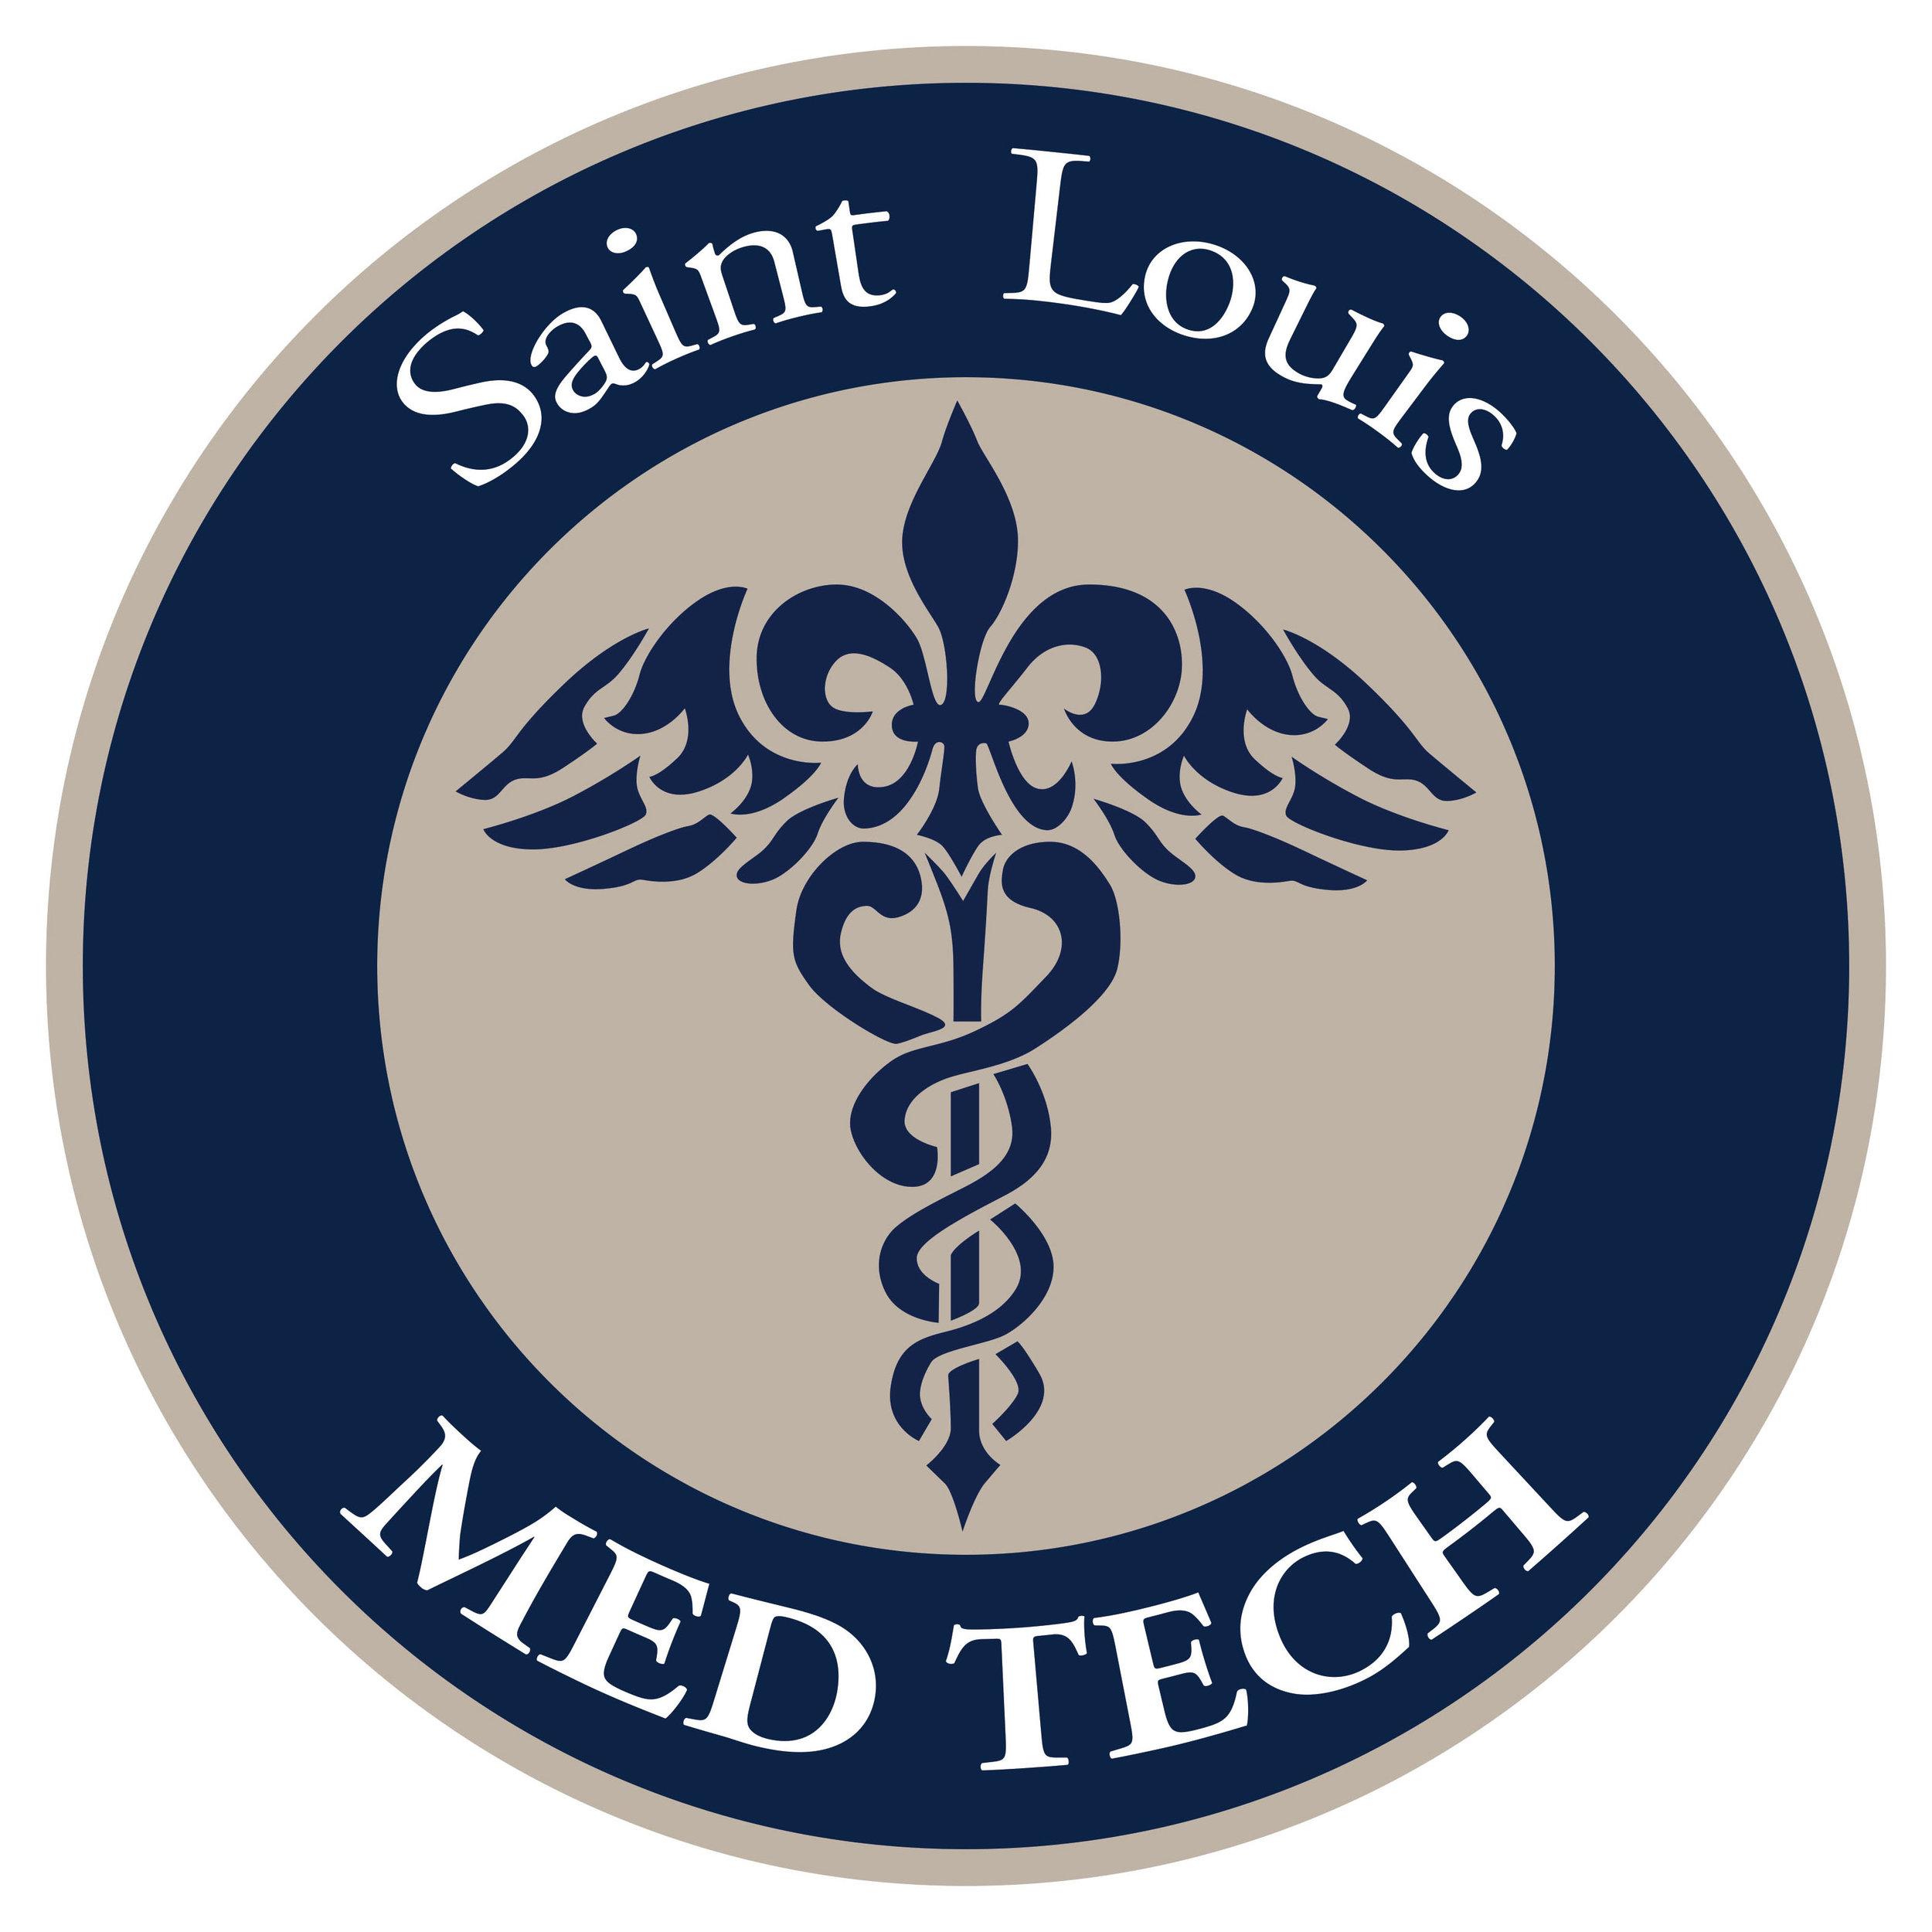 st_louis_med_tech_2 copy.jpg